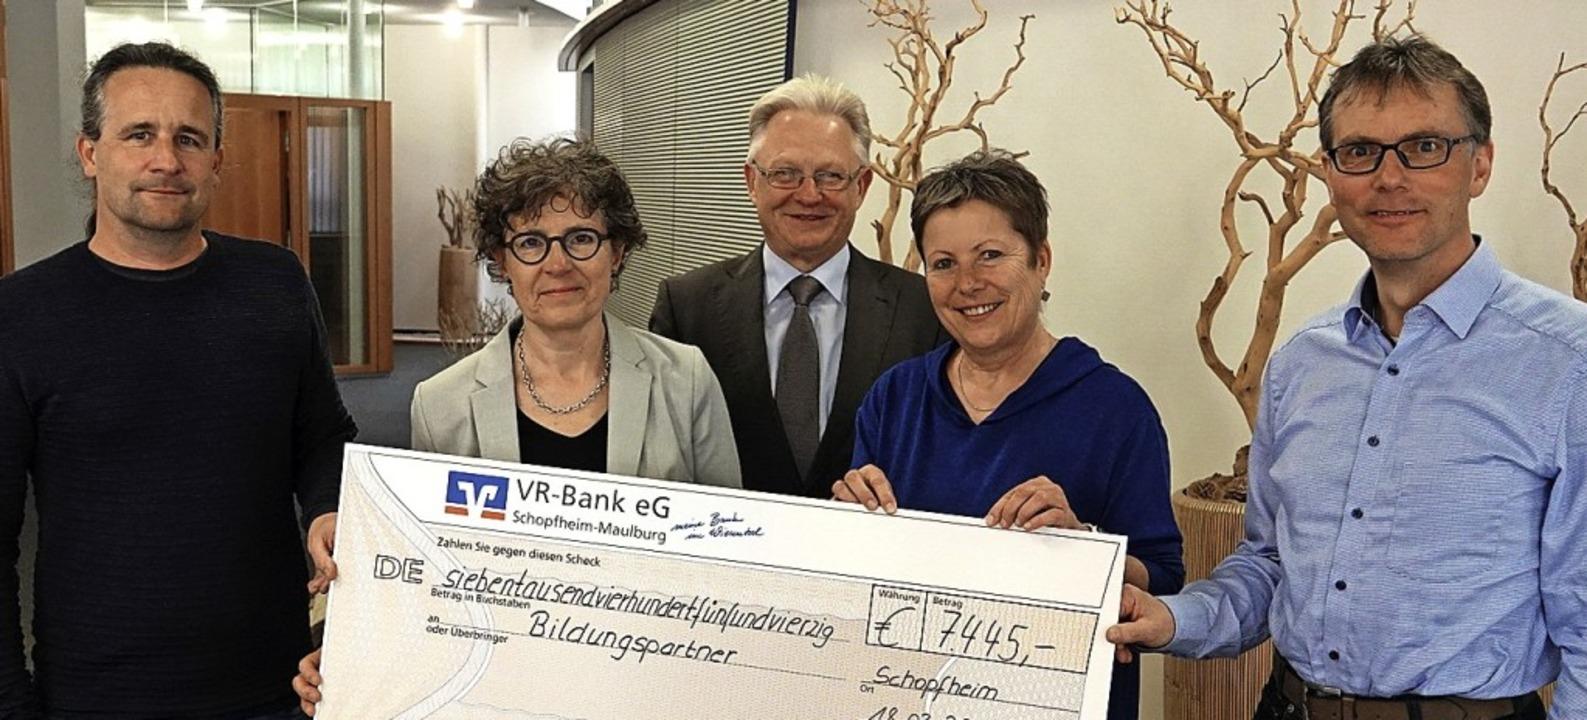 Großzügige Spende für die Bildung: VR-...sentalschule) und Norbert Asal (MORZ).  | Foto: Hans-Jürgen Hege